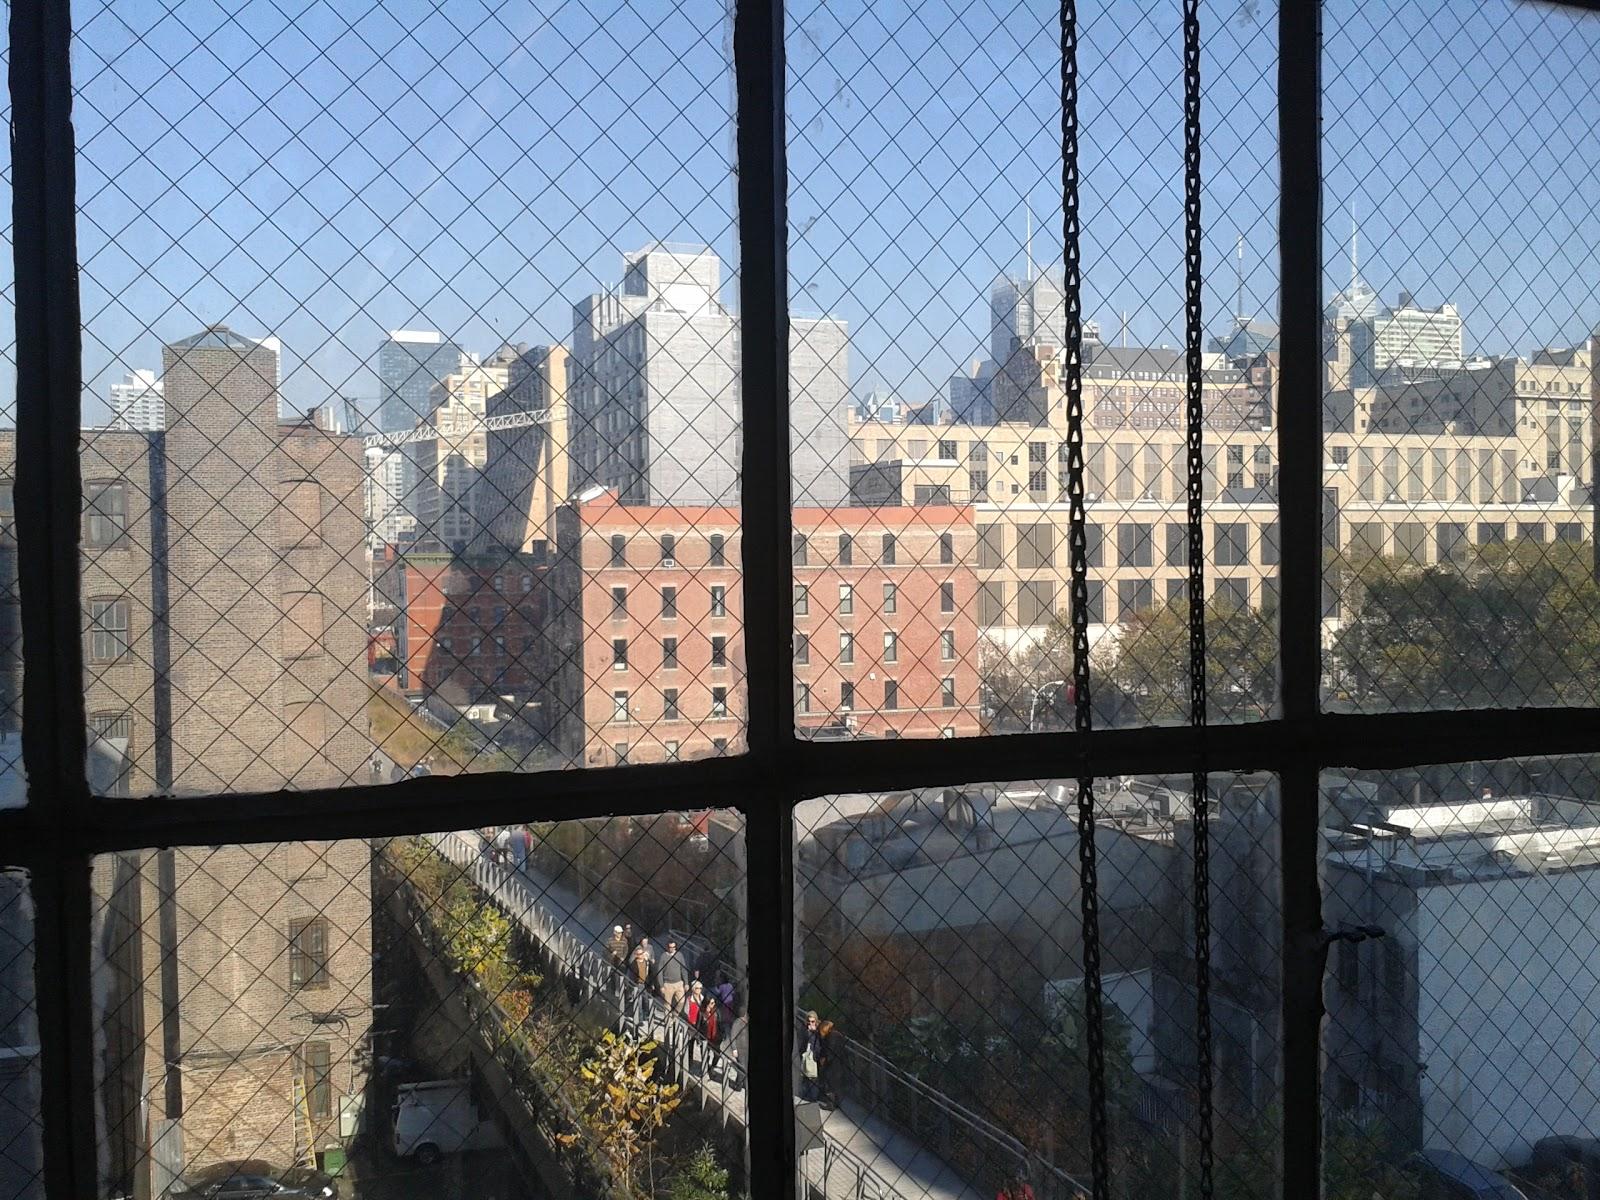 http://2.bp.blogspot.com/-JANQg-iwc5Y/UKe5_BmTqwI/AAAAAAAAC2c/_7pYaZu-c2g/s1600/2012-11-11+12.45.36.jpg